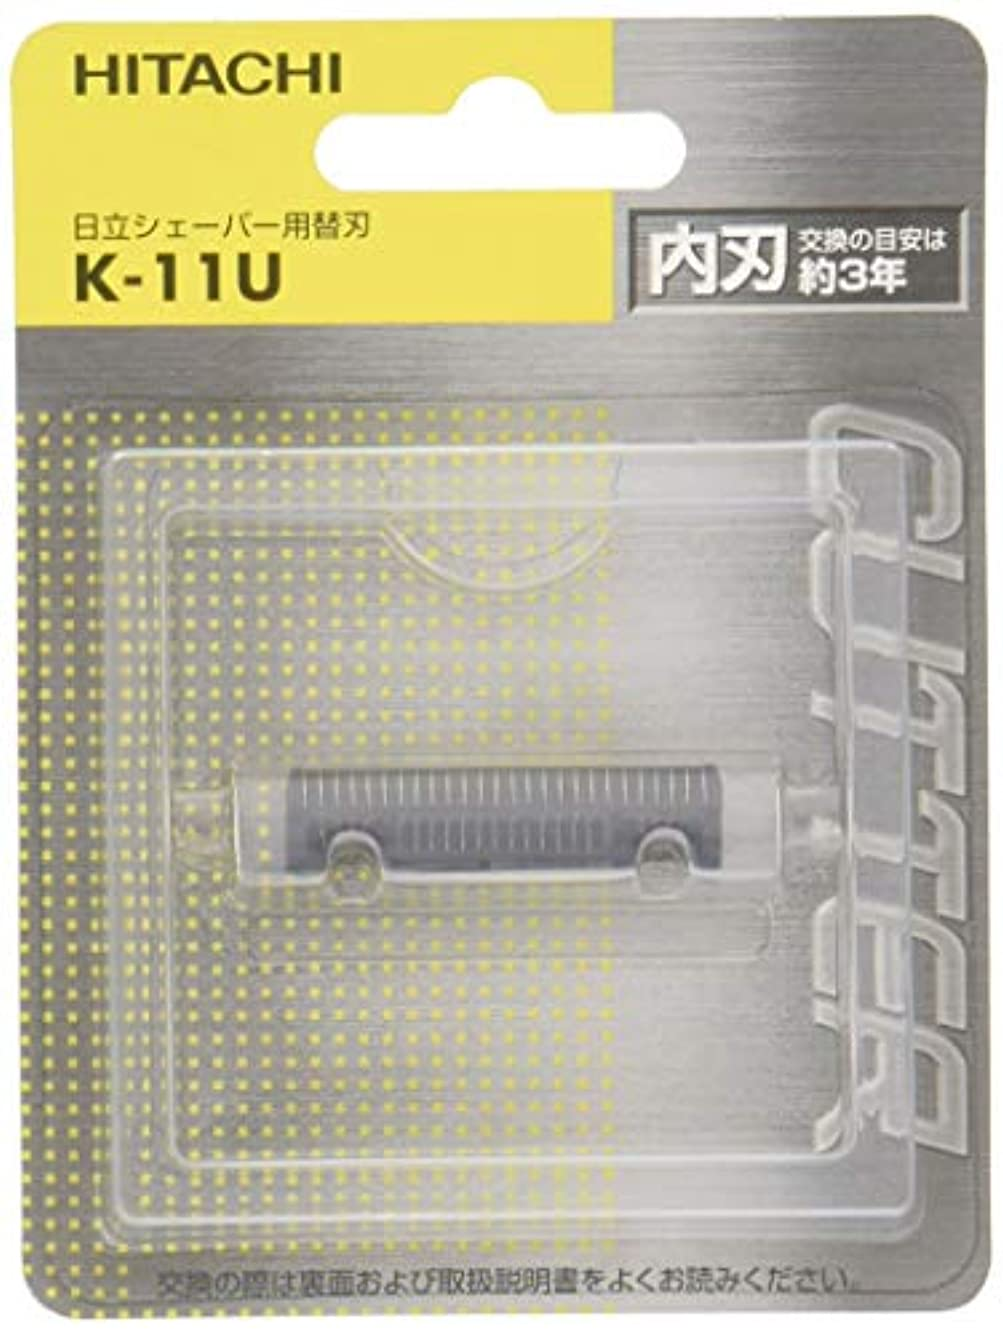 八のぞき穴透ける日立 替刃 内刃 K-11U